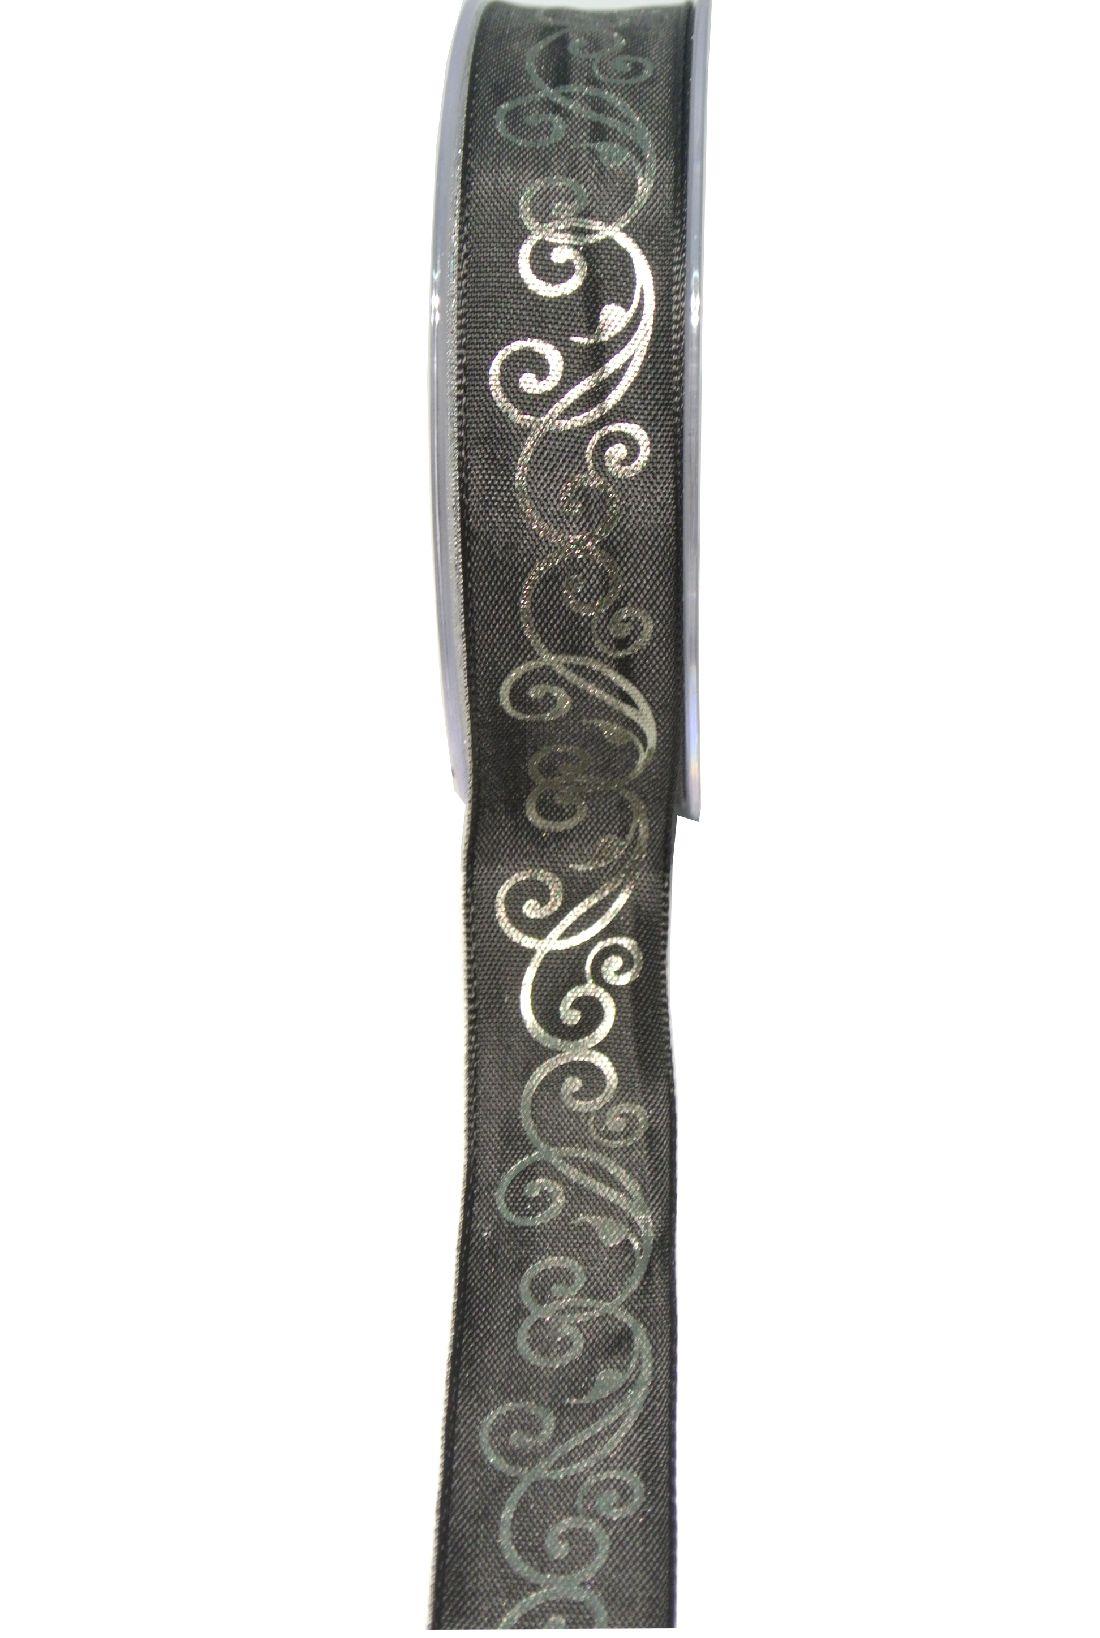 Trauerranke SCHWARZ-100525 25mm 20m